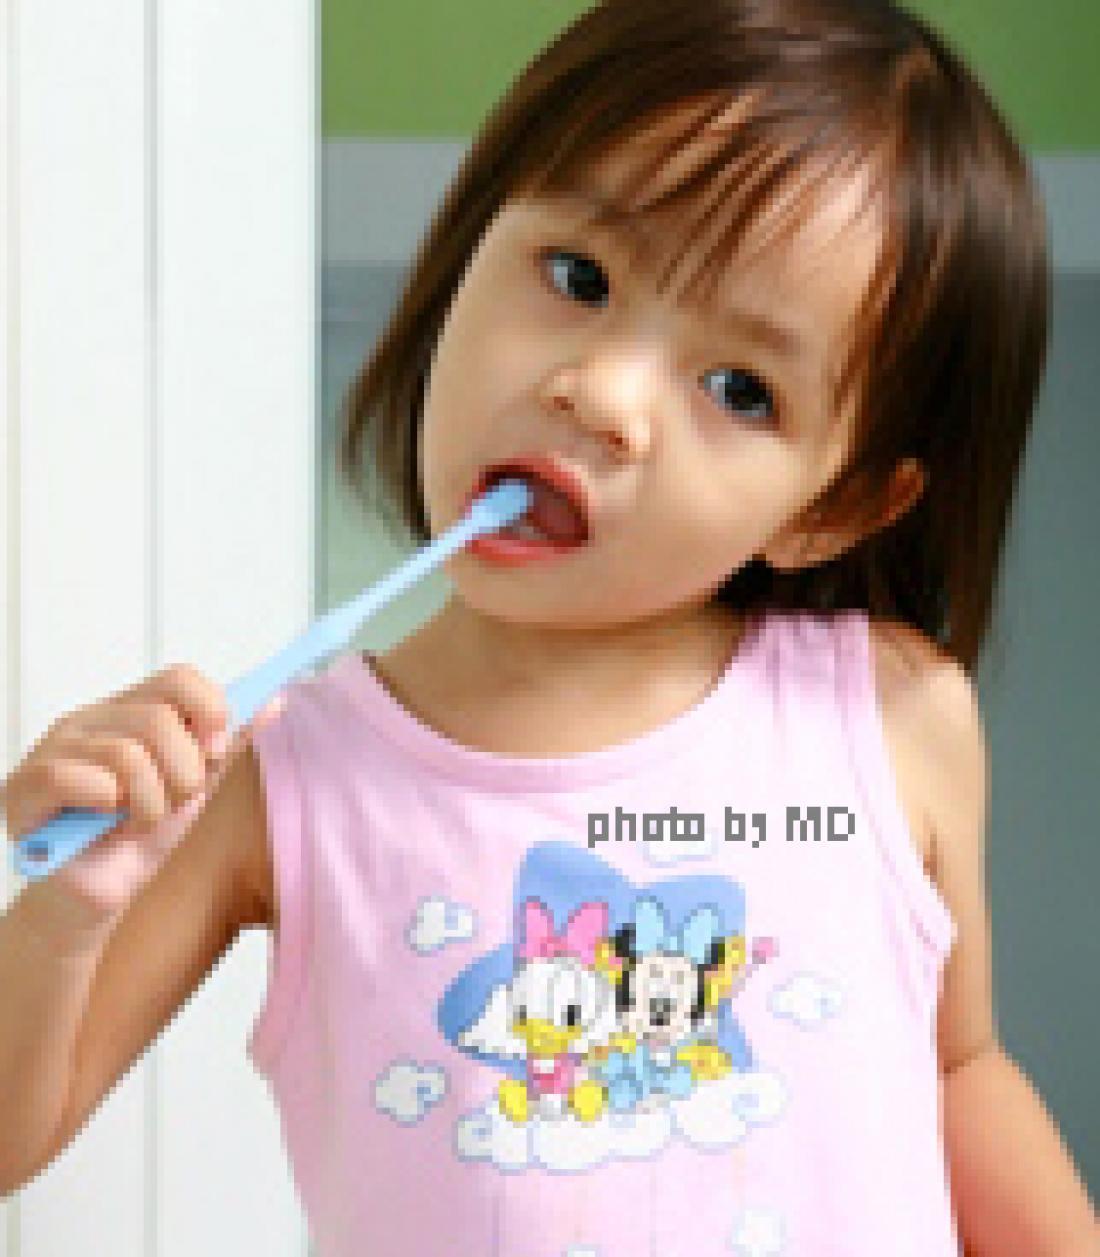 การดูแลสุขภาพฟันเด็ก ฟันน้ํานมมีความสําคัญอย่างไร